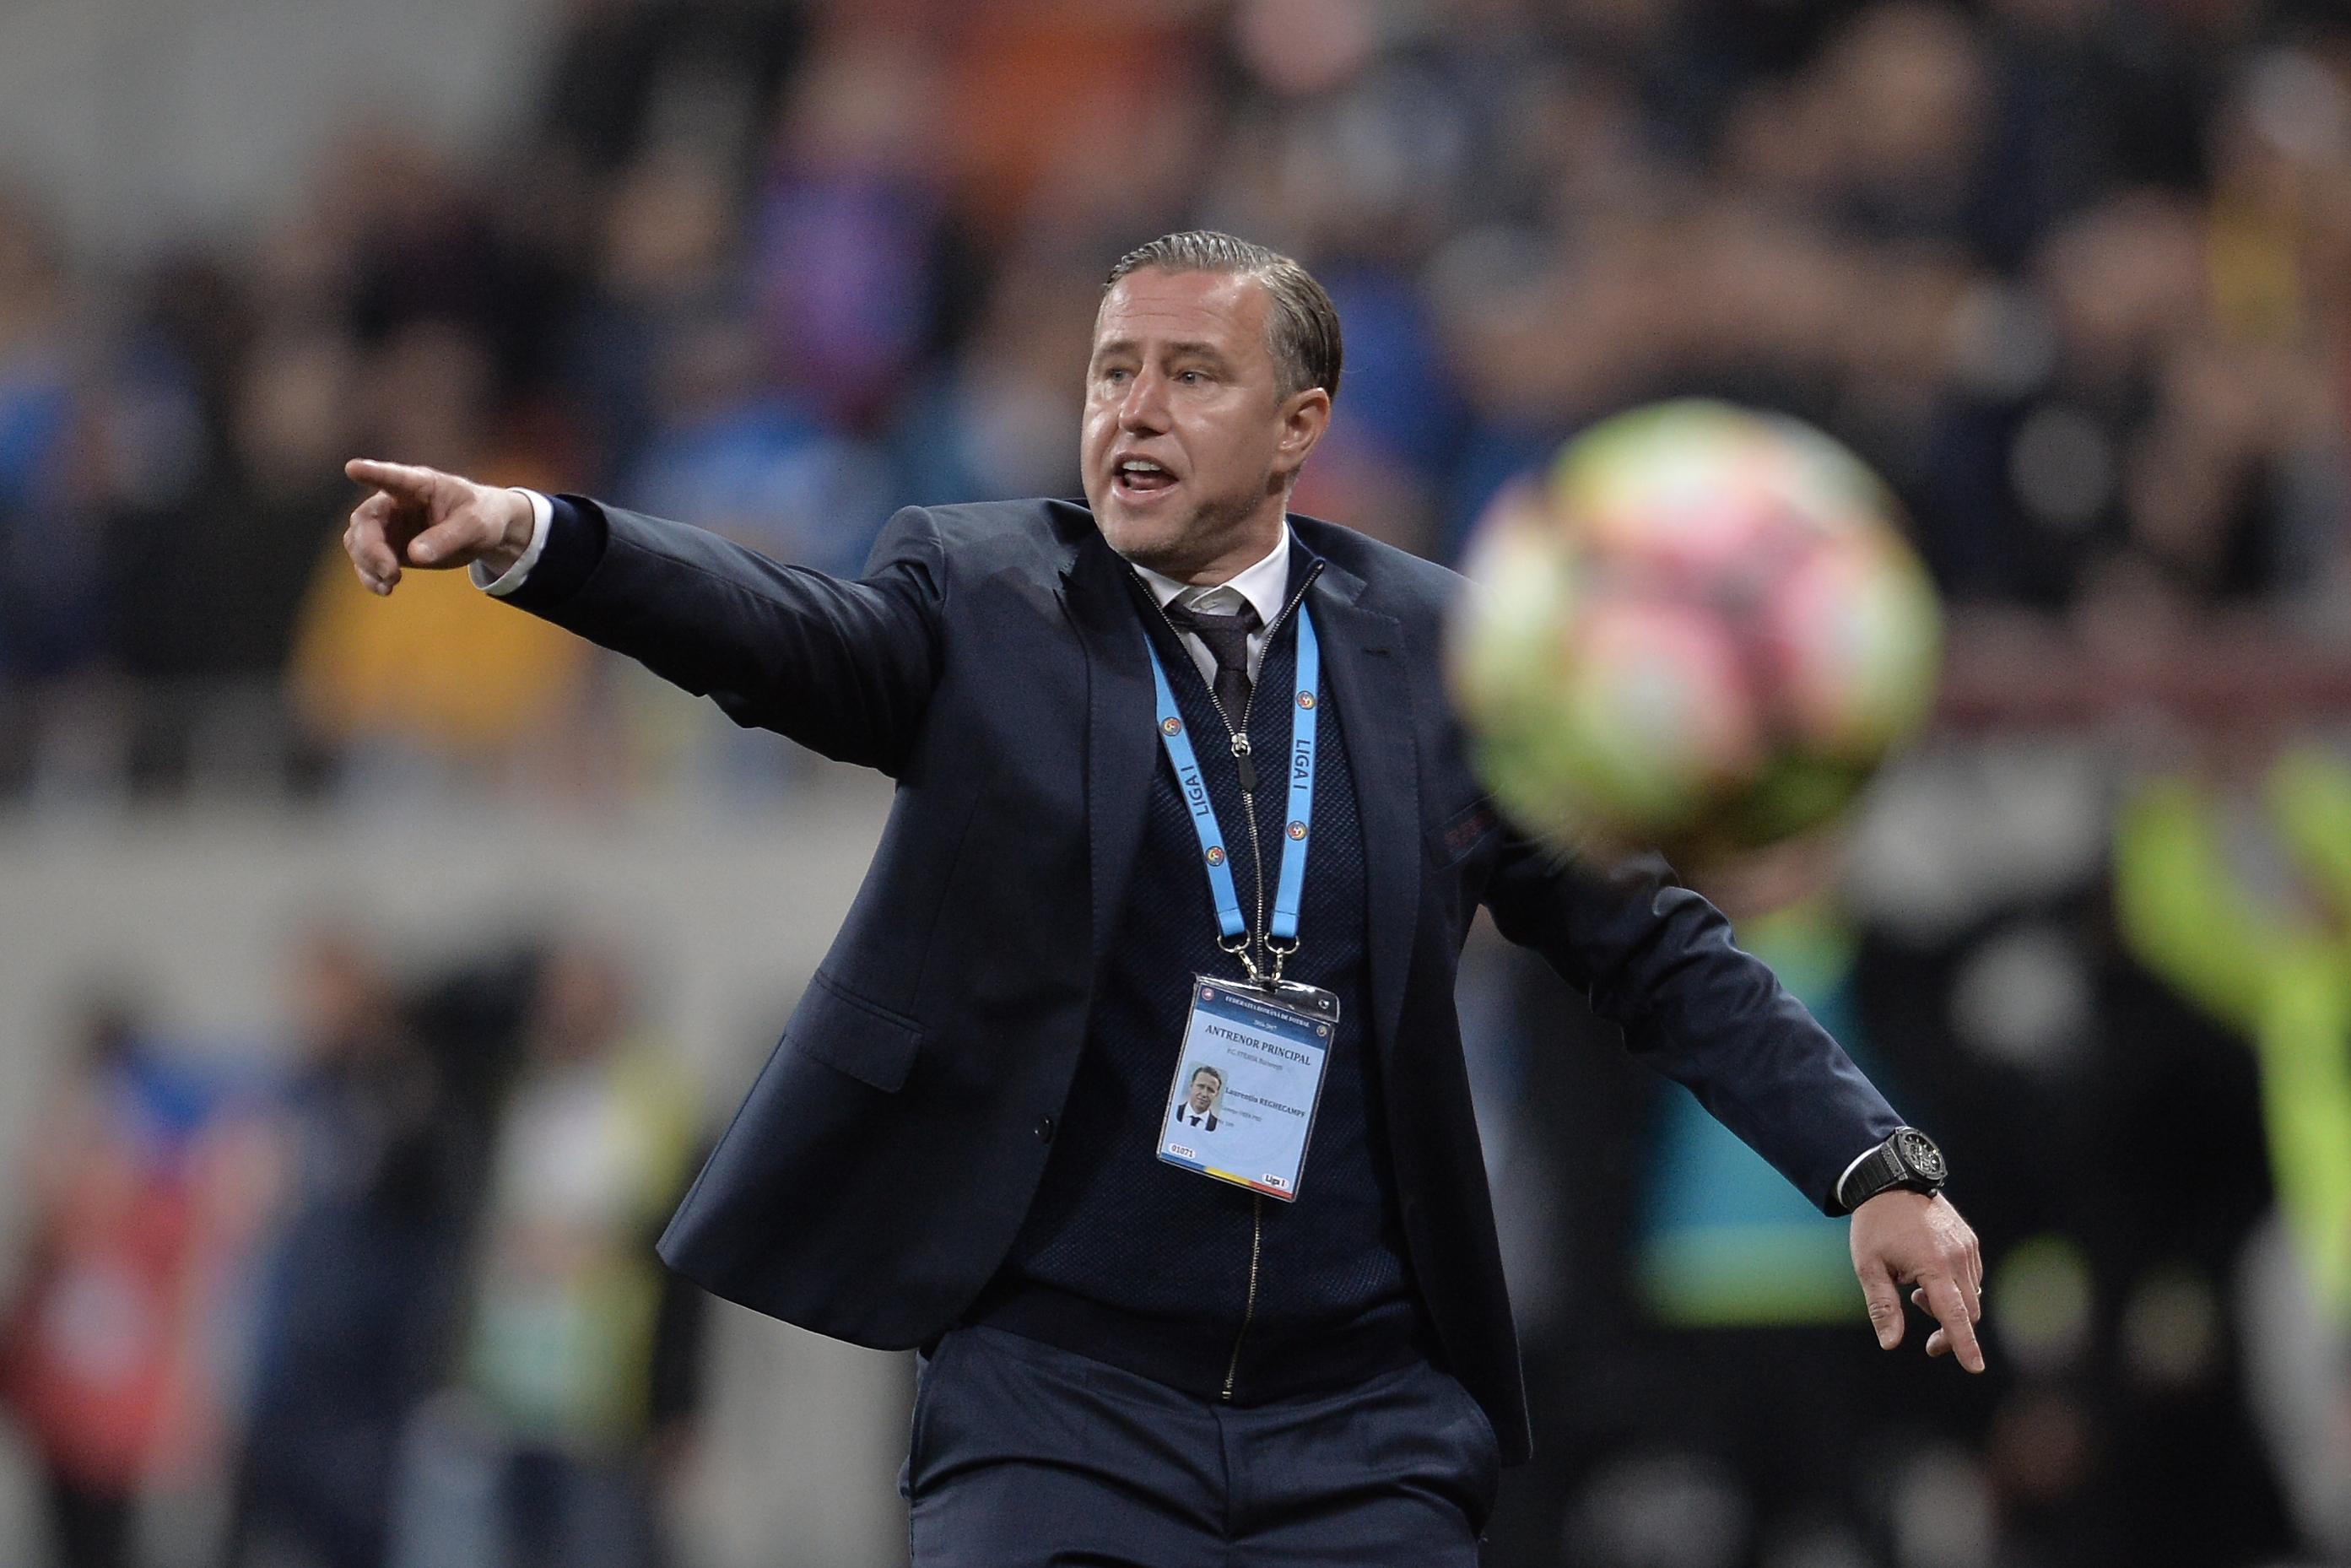 Joia neagră a României în cupele europene la fotbal. Craiova, scoasă de albanezi din Conference(...)